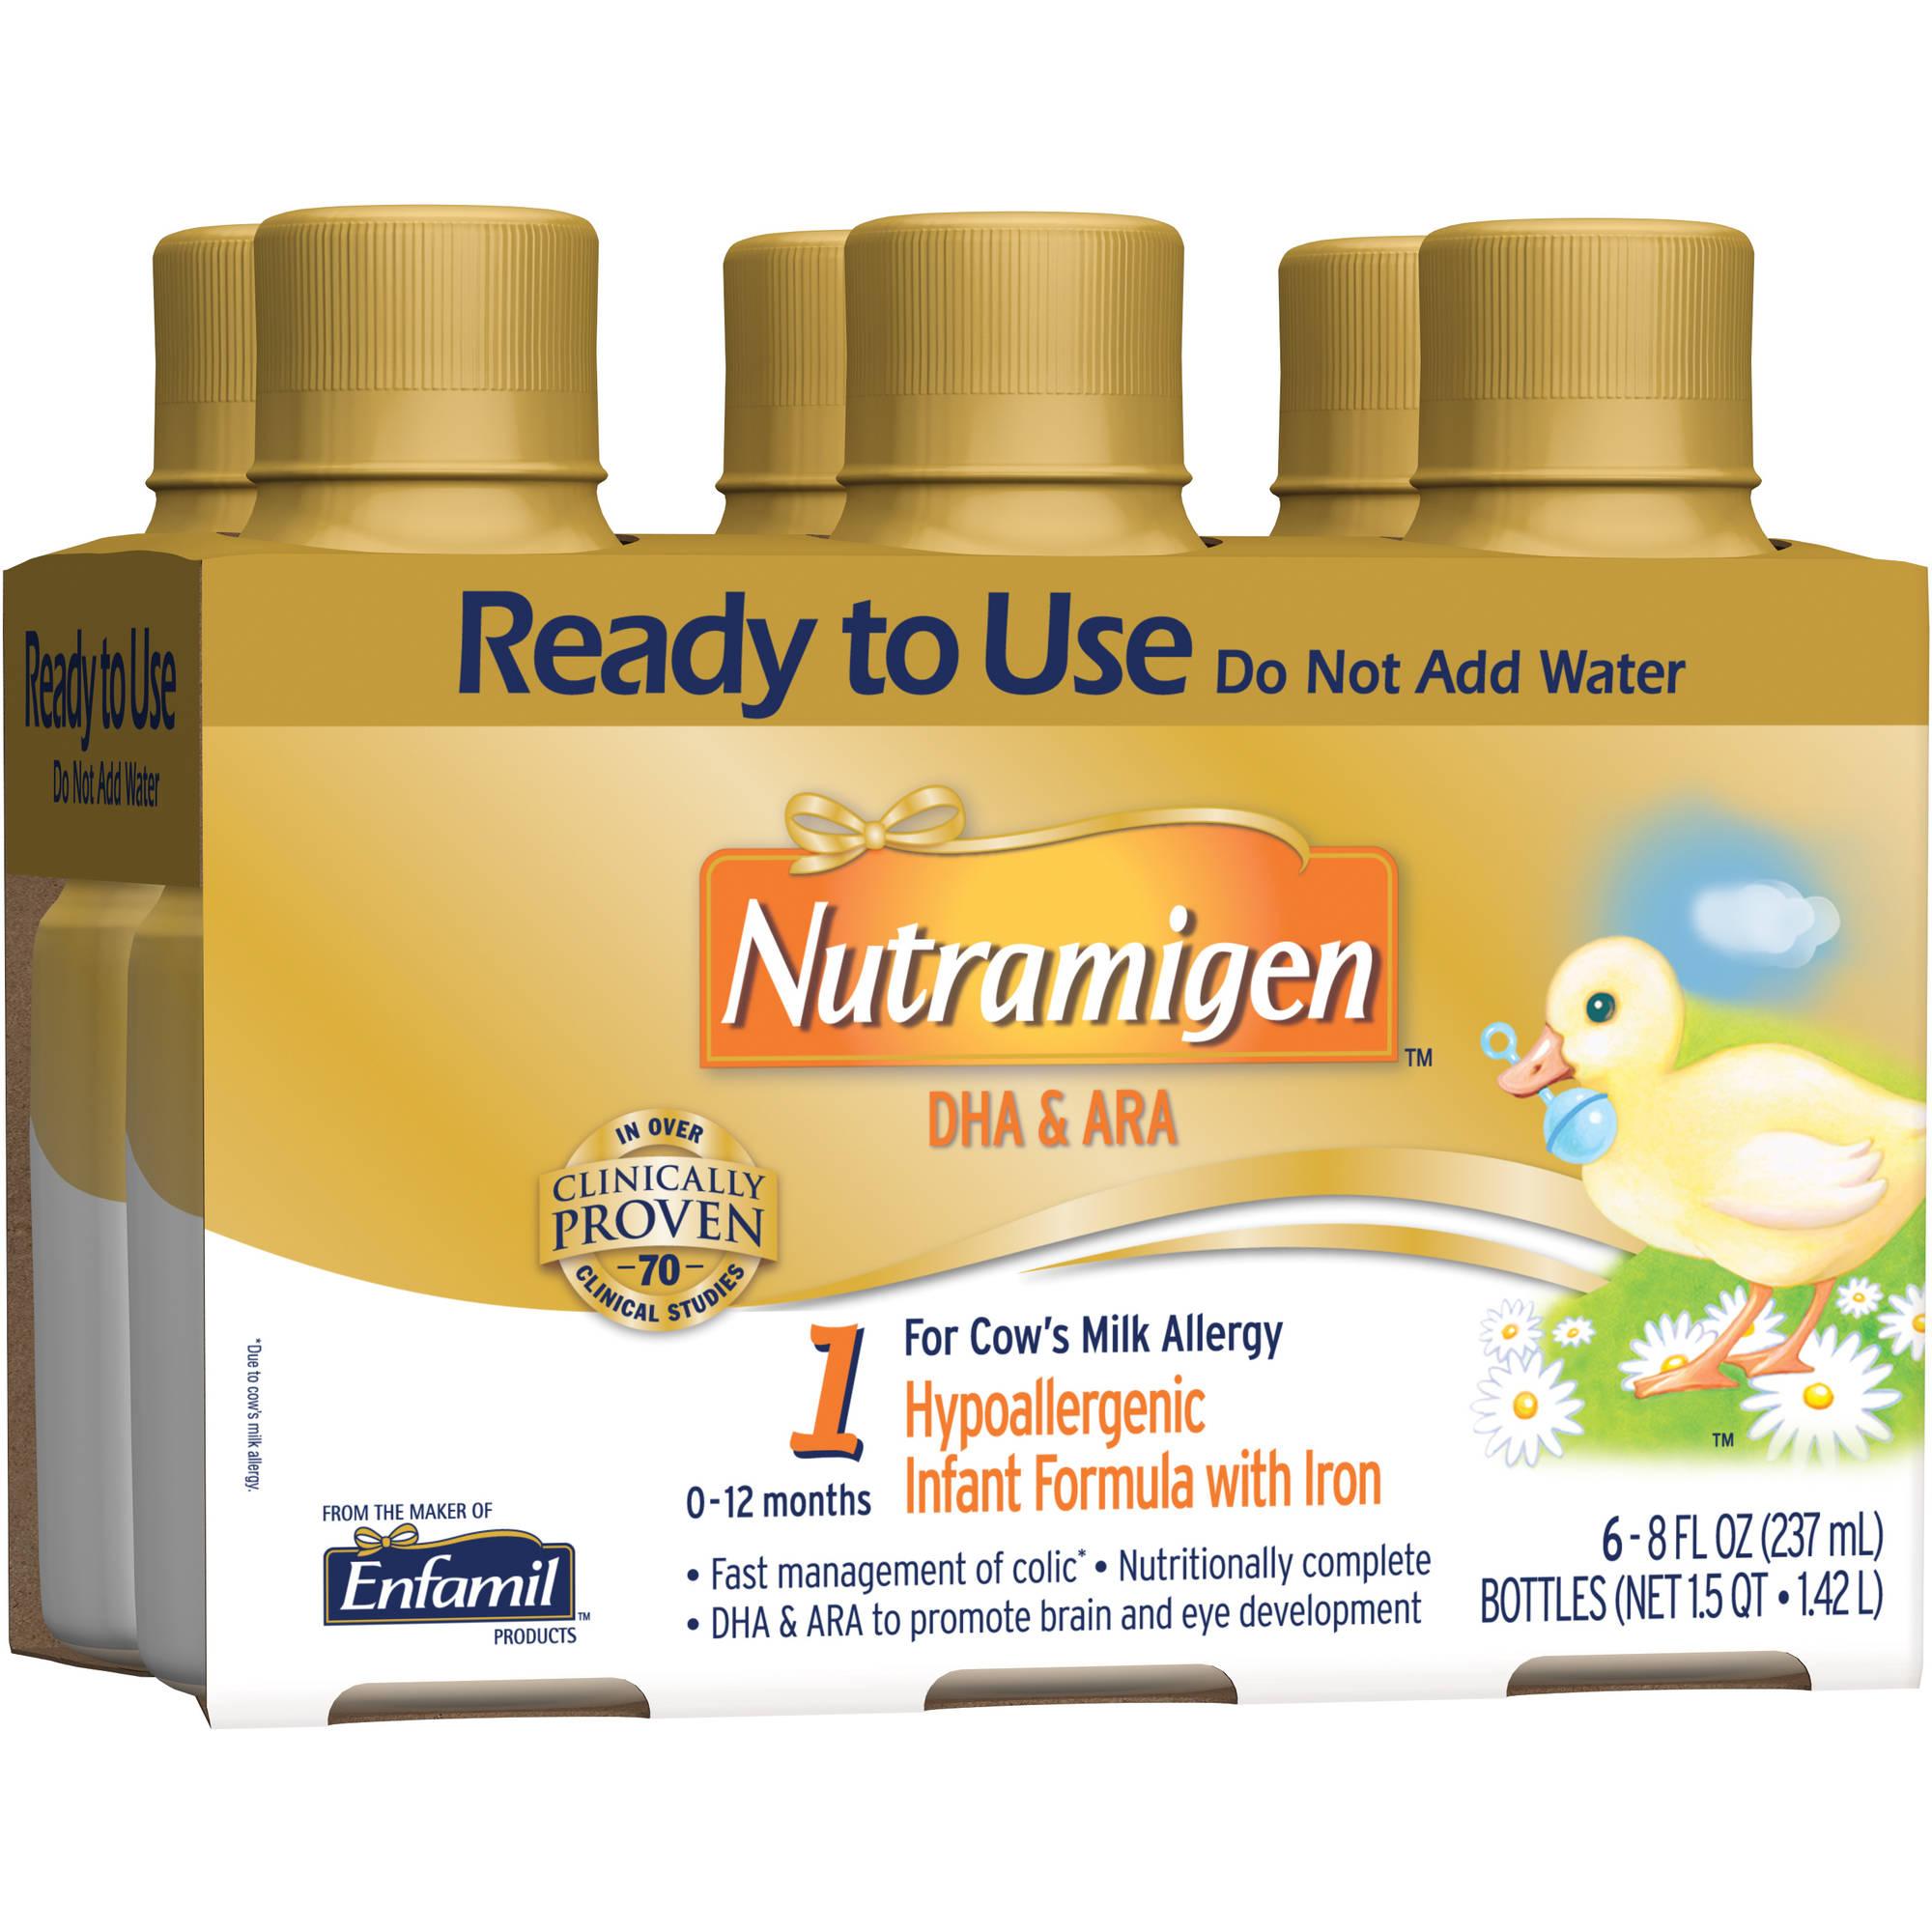 Nutramigen baby formula - 8 fl oz Plastic Bottles - 6ct, Pack of 4